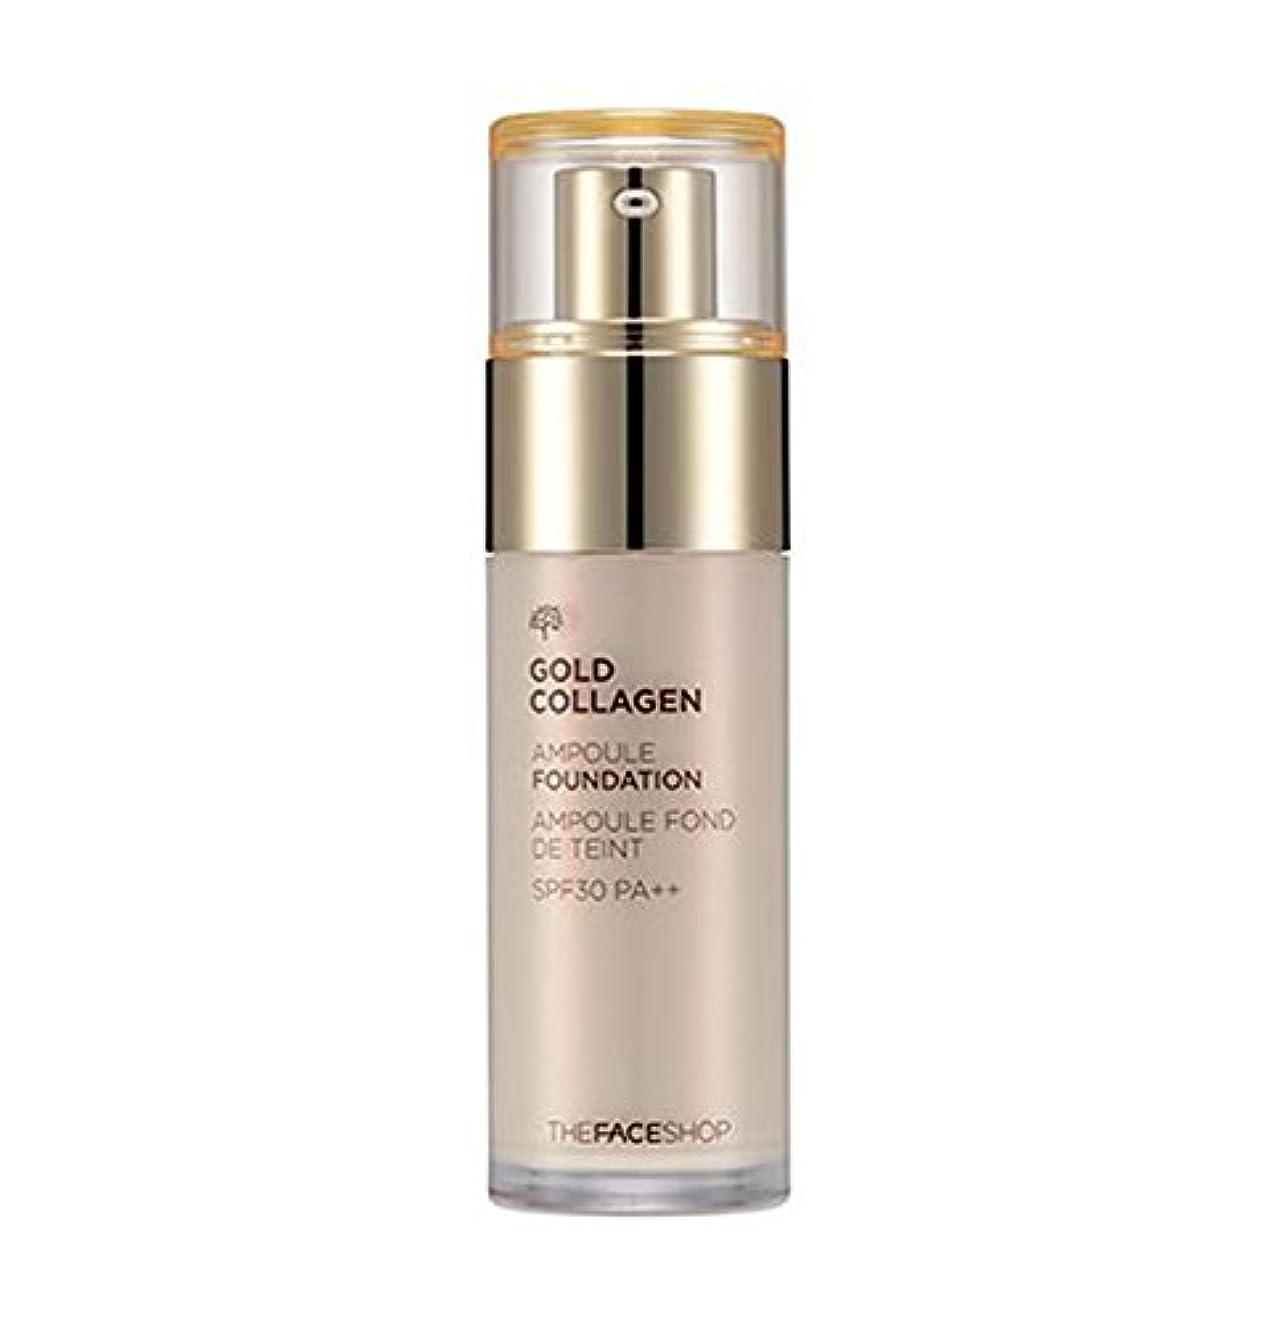 同一性強いますメンテナンス【韓国コスメ.ザ·フェイスショップ】ゴールドコラーゲンアンプルファンデーションSPF30 PA +++ 40ml [The Face Shop]Gold Collagen Ampoule Foundation 【海外直送品...